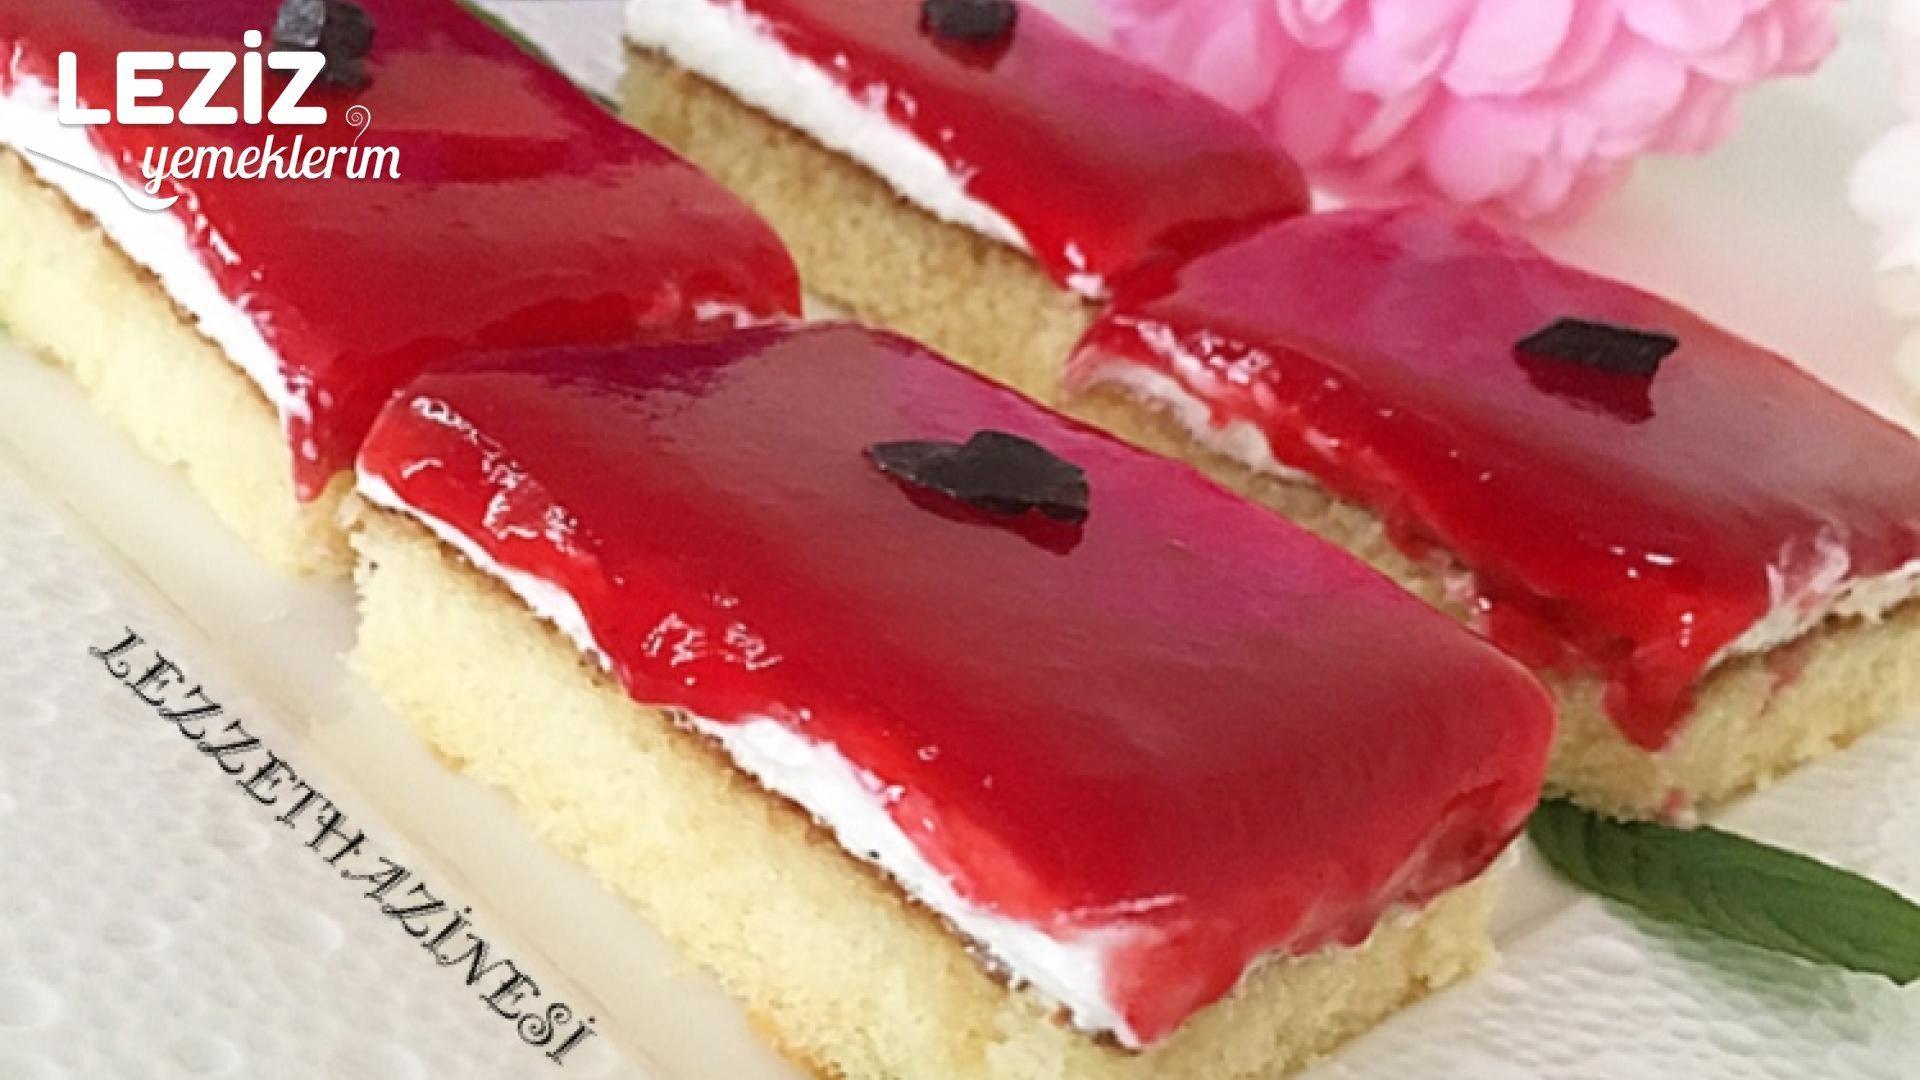 yemek: meyve soslu kek tarifleri [5]